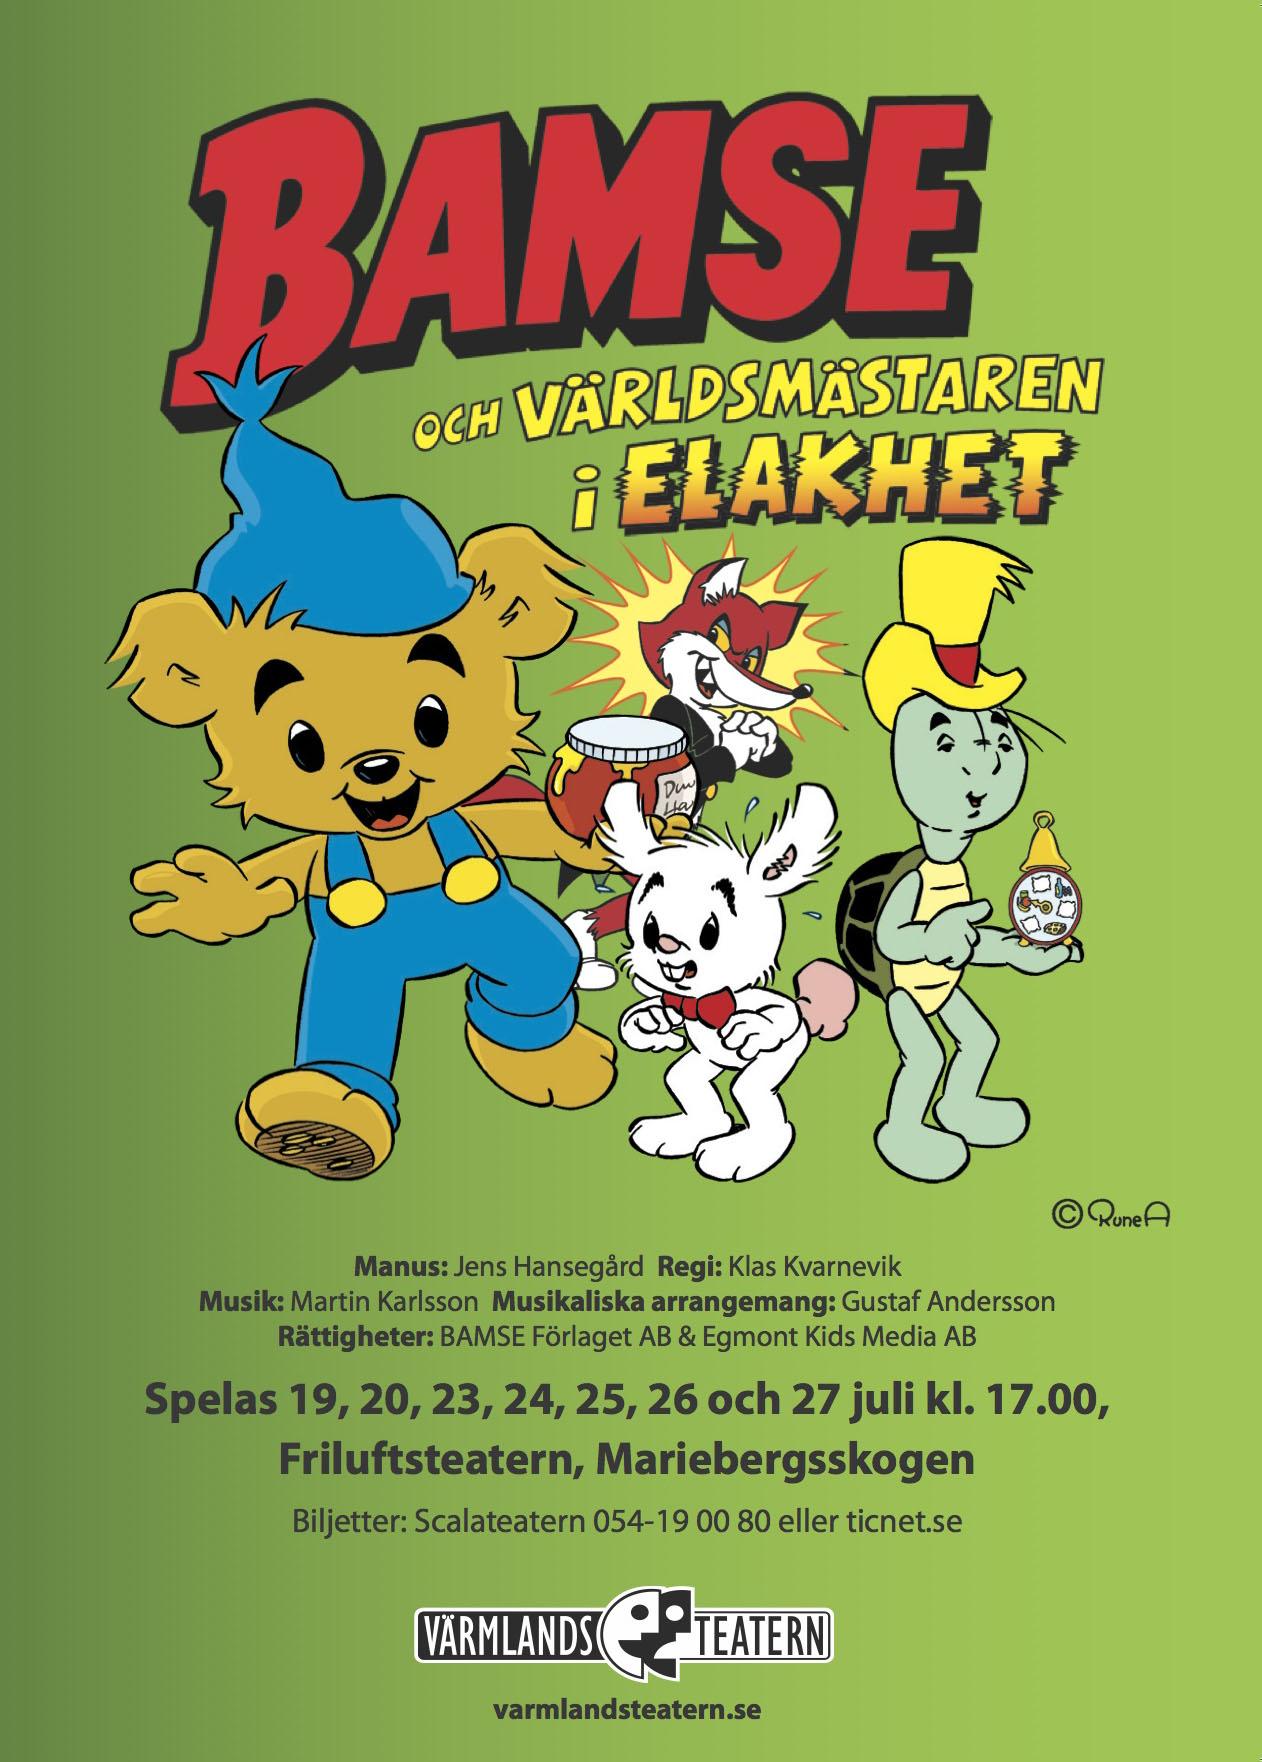 Bamse och Världsmästaren i Elakhet